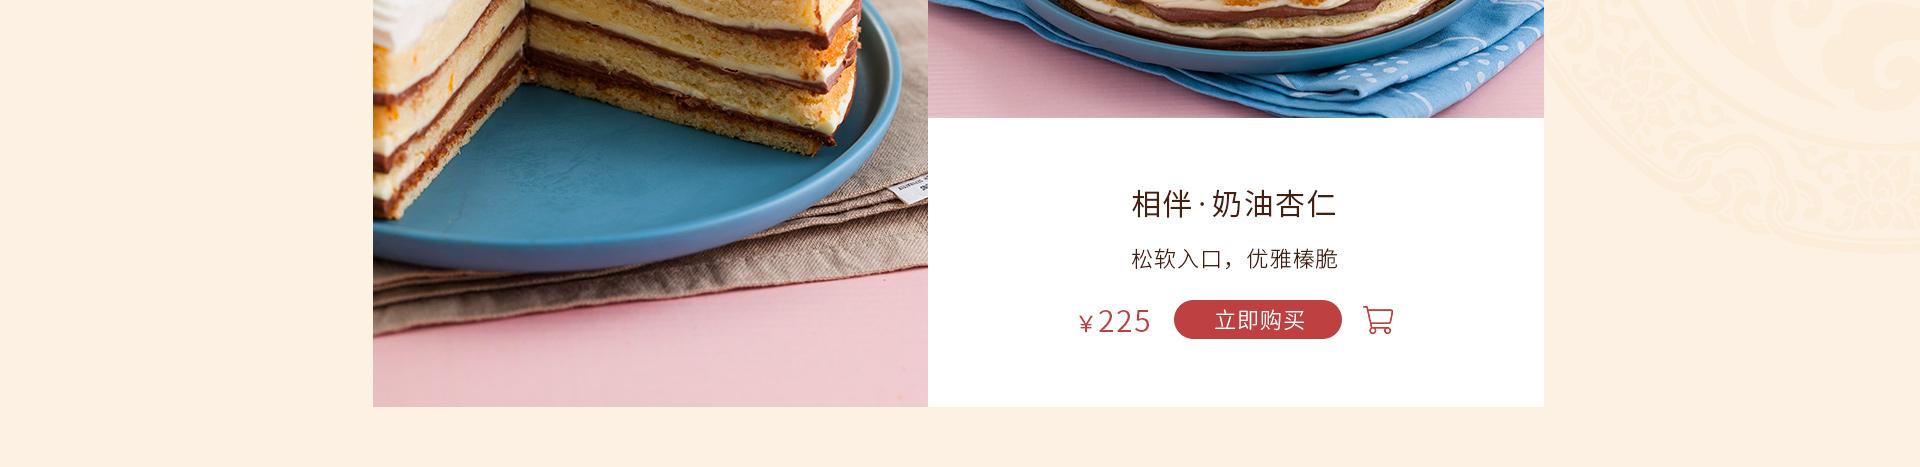 相伴|奶油杏仁蛋糕 订购